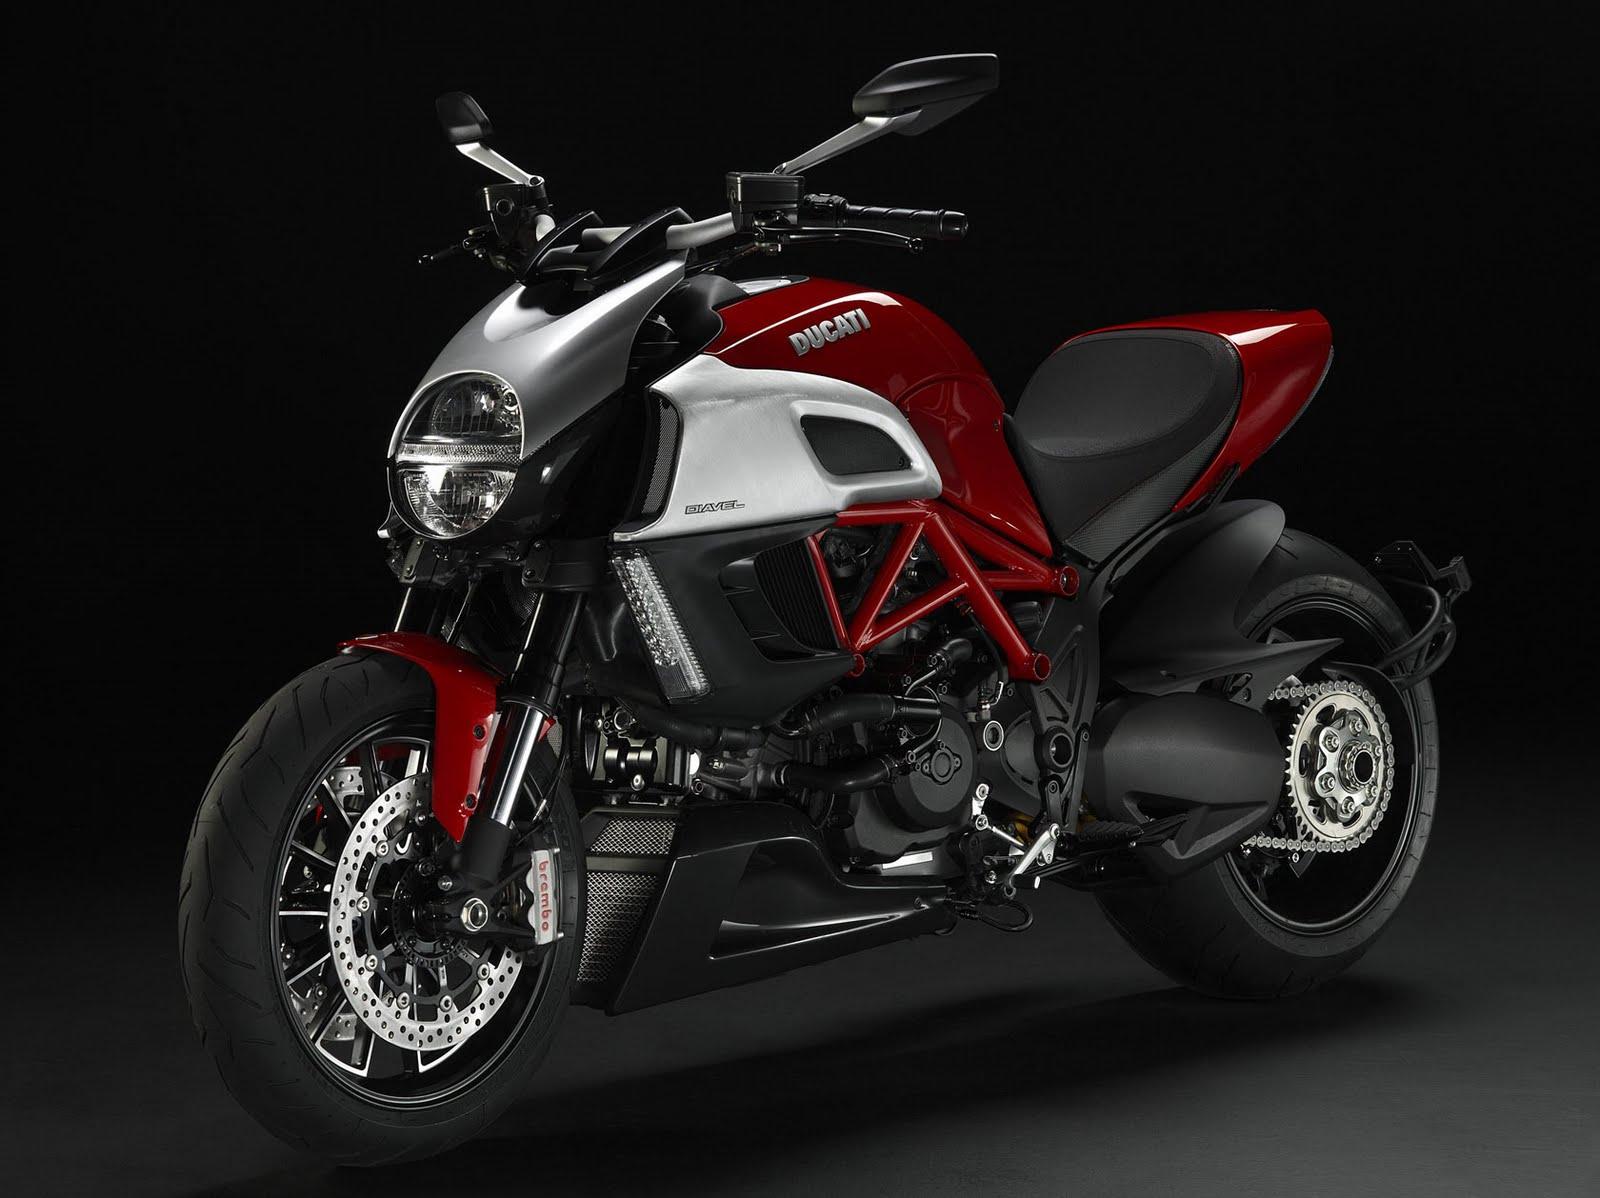 http://2.bp.blogspot.com/_J3_liDBfbvs/TNZoSogj9vI/AAAAAAAAzew/_u1Ji754DdI/s1600/2011+Ducati+Diavel+Pictures.jpg